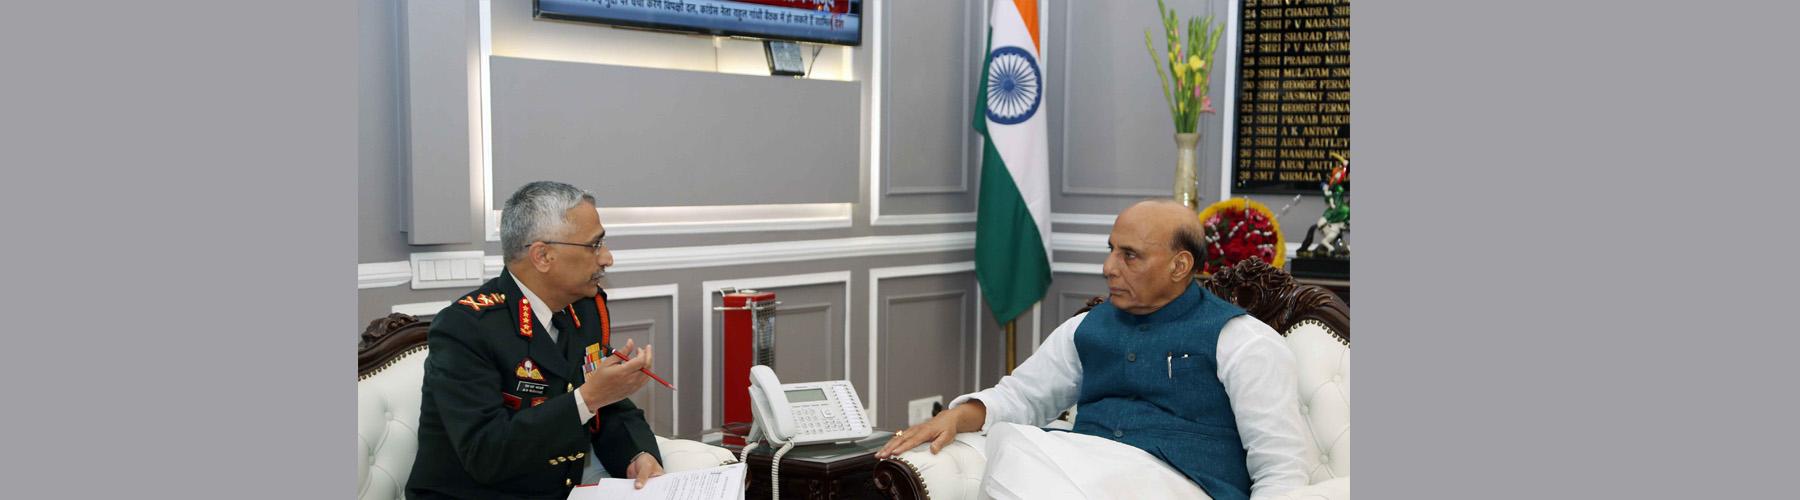 सेनाध्यक्ष जनरल मनोज मुकुन्द नरवणे सोमवार 13, जनवरी 2020 को नई दिल्ली में रक्षा मंत्री श्री राजनाथ सिंह से मुलाकात करते हुए।